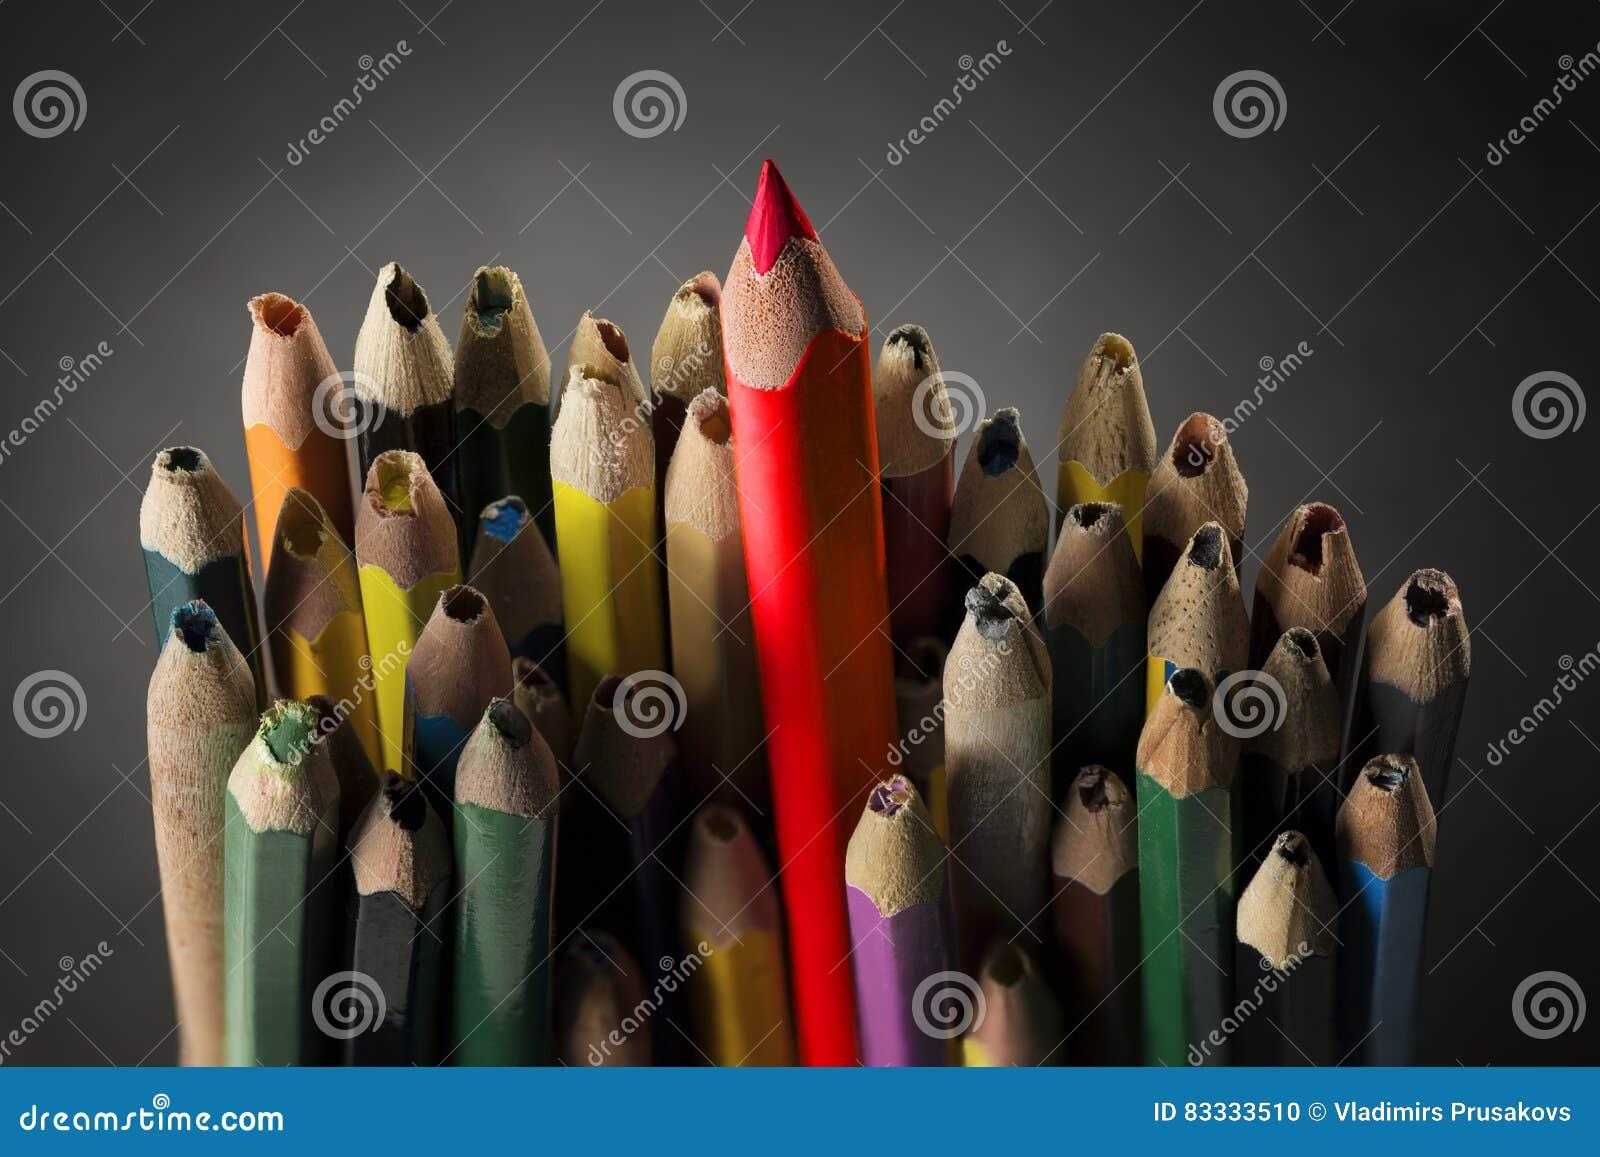 Bleistift spornen Konzept, scharfe kreative Idee, benutzte gebrochene Bleistifte an